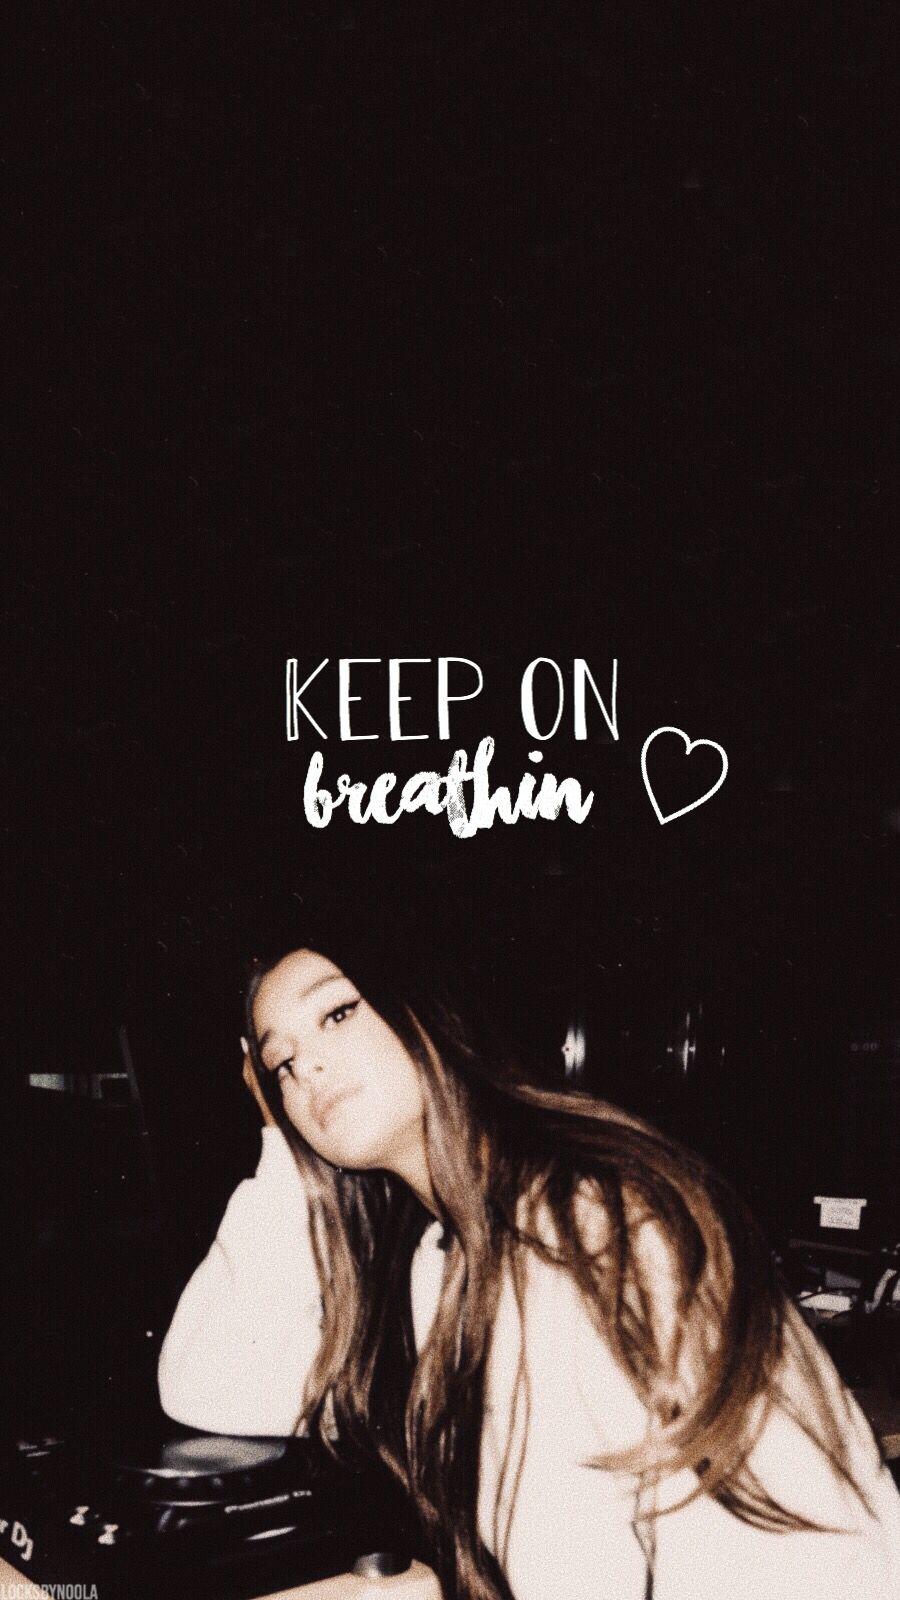 Lyrics From Breathin By Ariana Grande Ariana Grande Lyrics Ariana Grande Wallpaper Ariana Grande